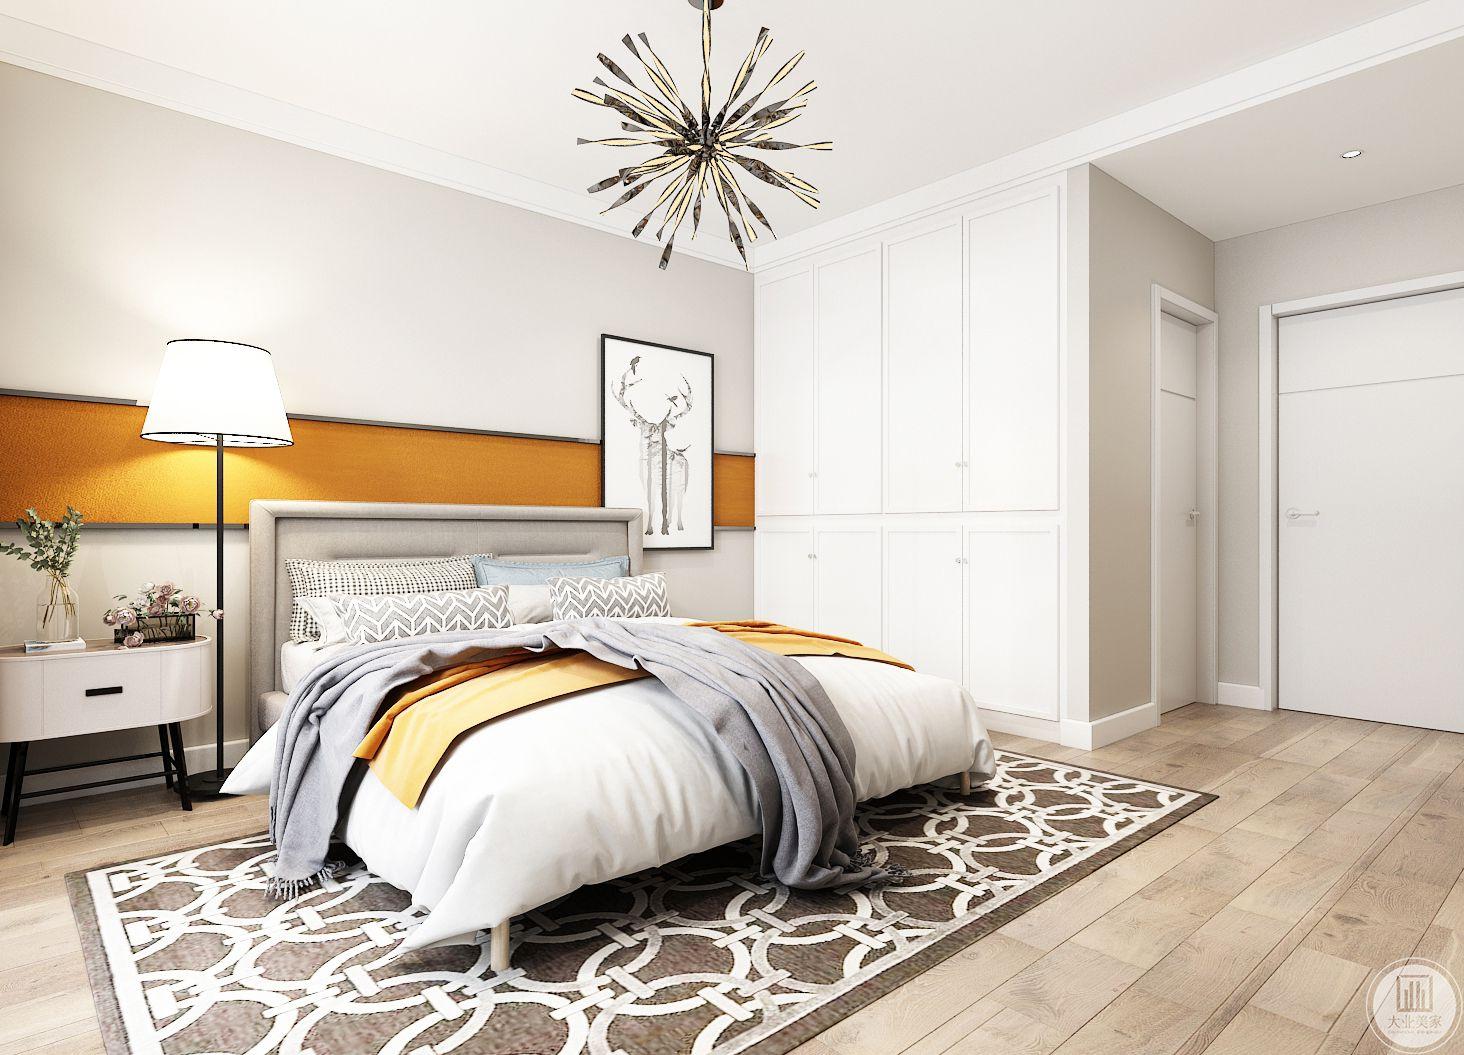 主卧室装修效果图:主卧室以白色为主,地面使用实木地板,搭配深棕色地毯。